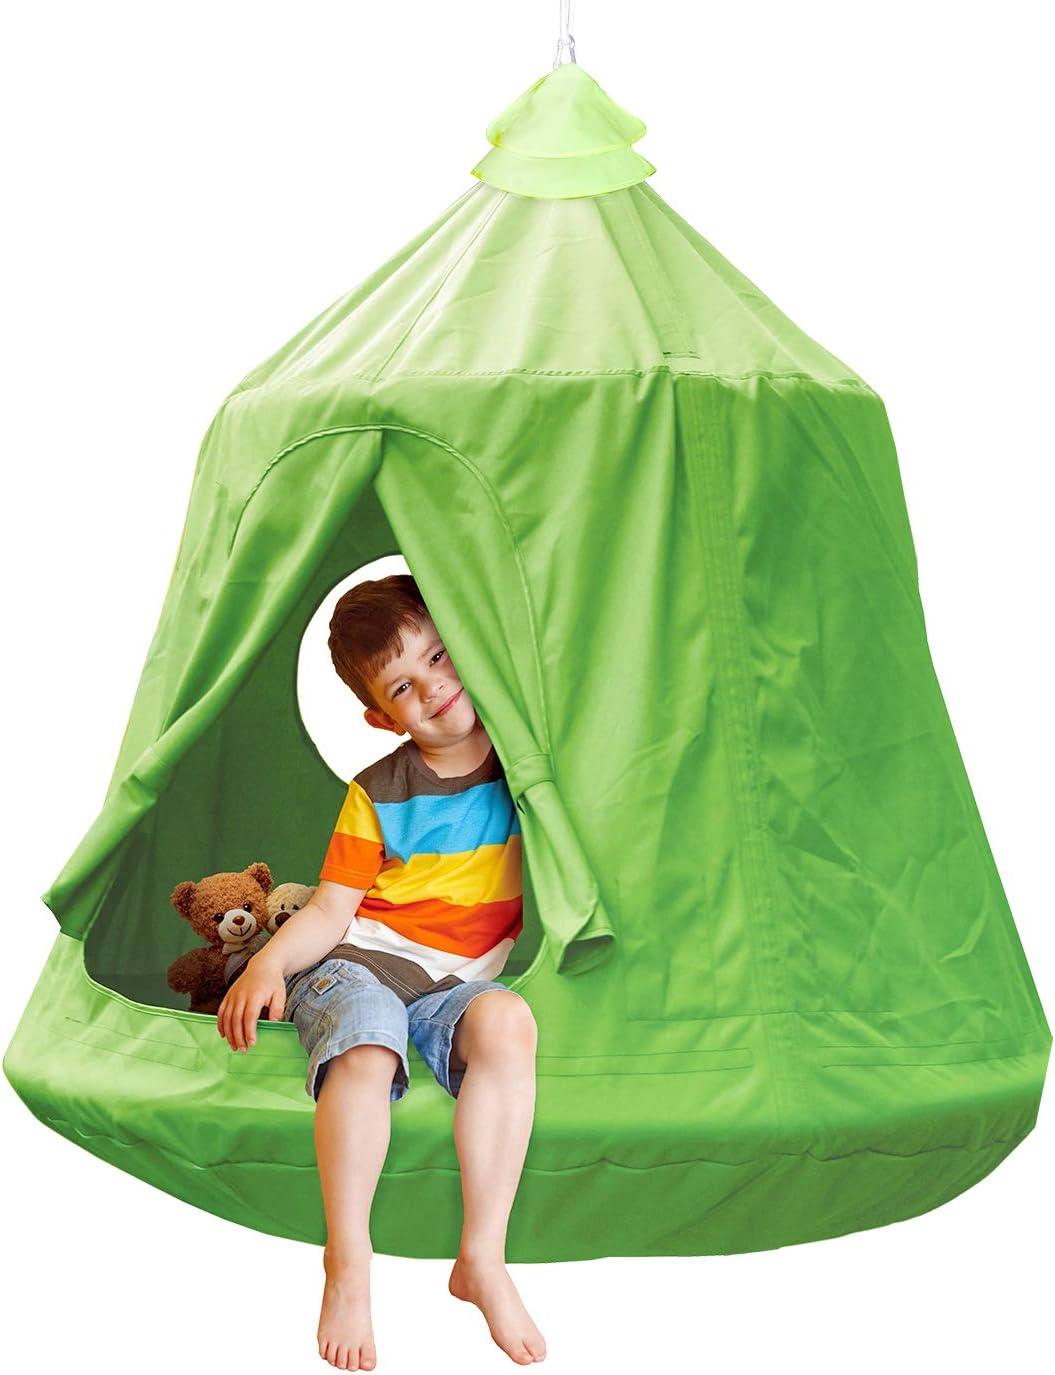 Waterproof Hanging Tree Ceiling Hammock Tent Kids Sky Castle Paradise